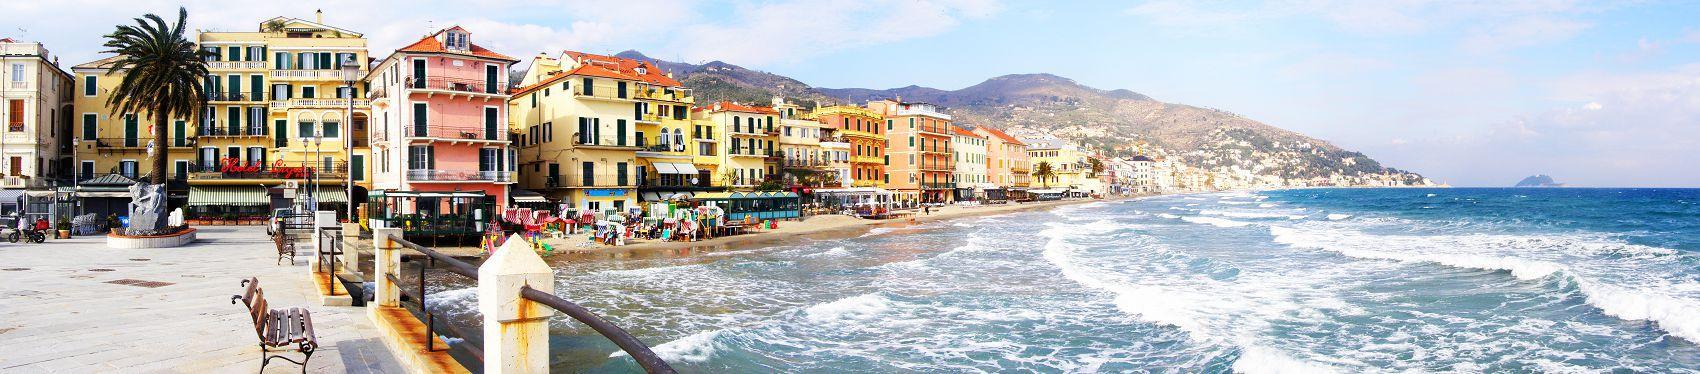 Город в Италии